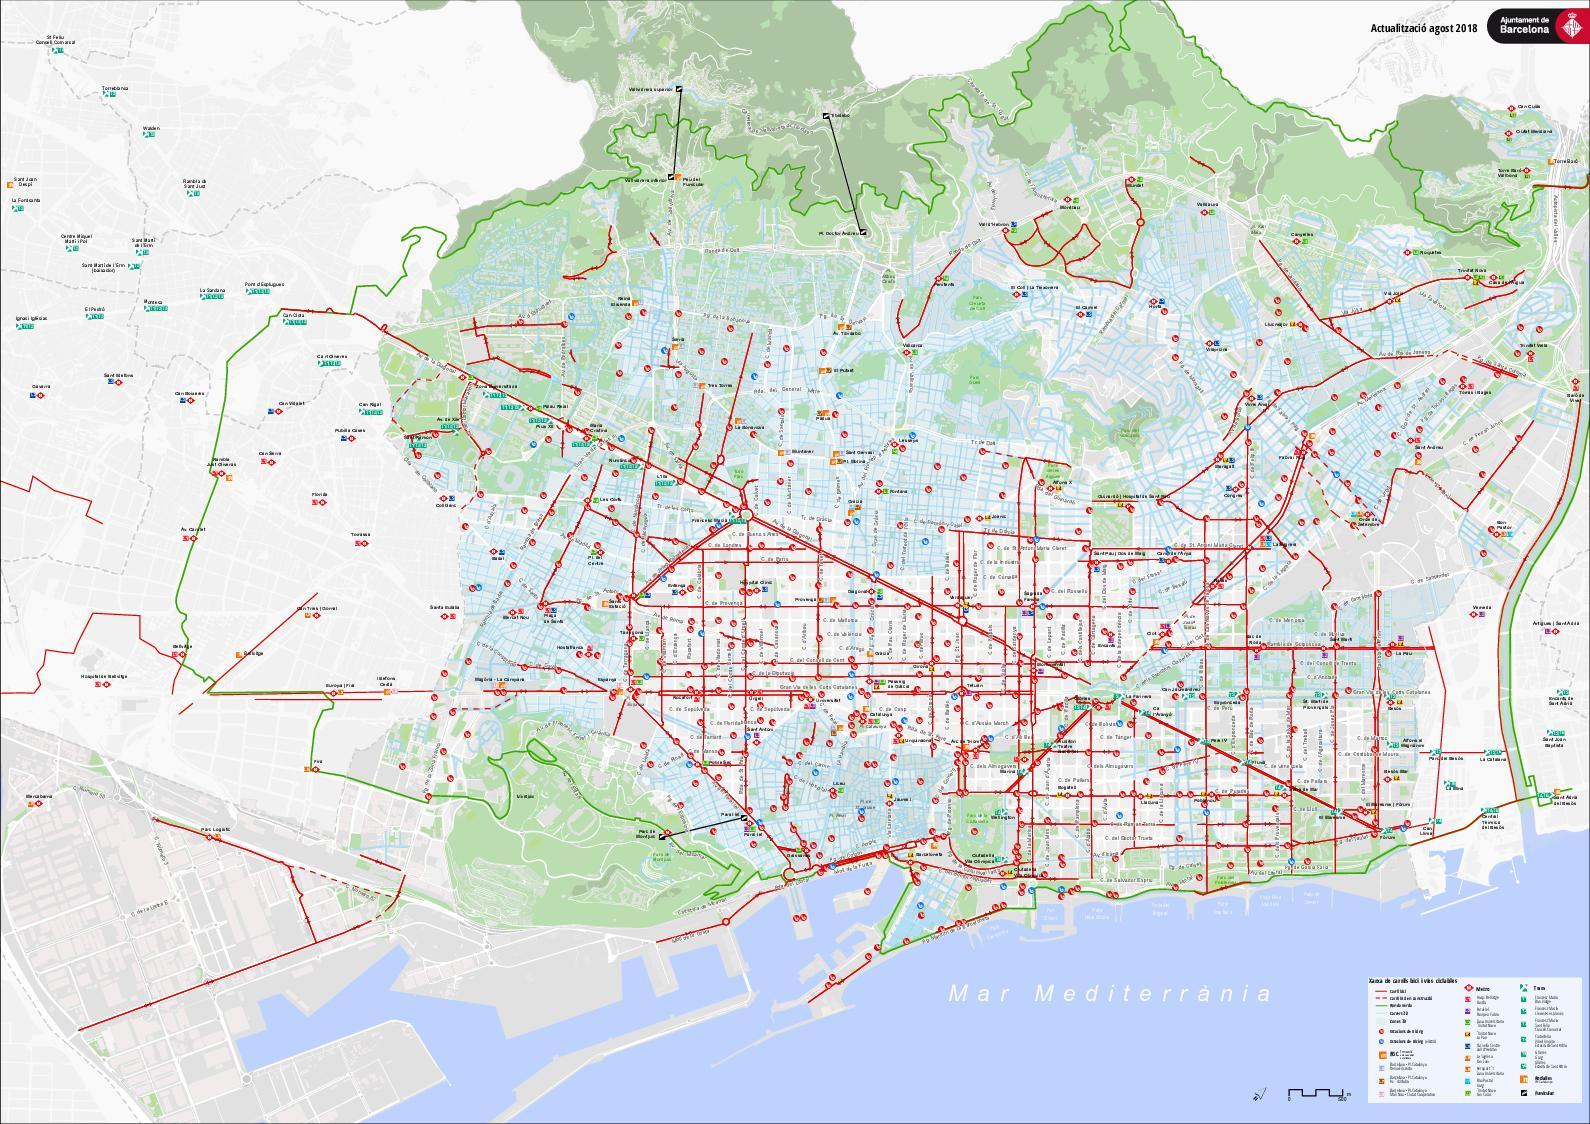 Mapa Carrils Bici Barcelona.Calameo Barcelona Mapa Carrils Bici